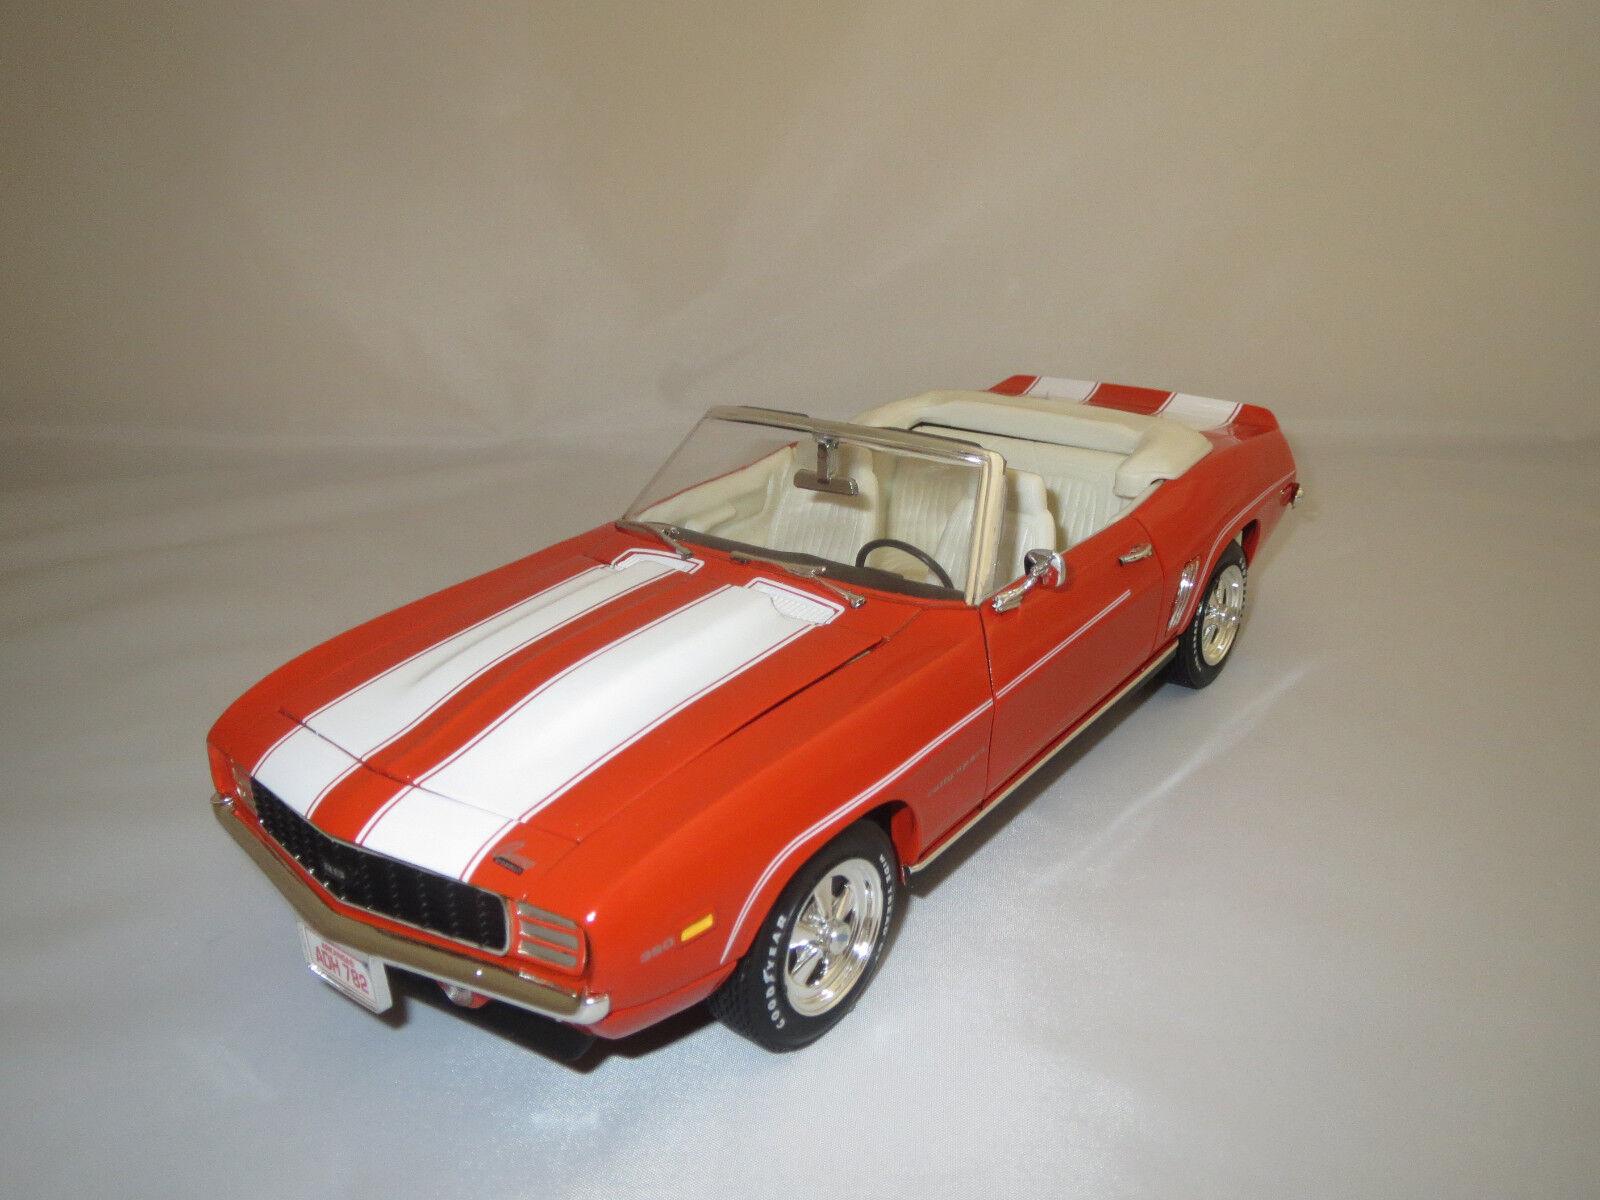 ERTL American Muscle CHEVROLET CAMARO Rally-Sport  1969  (Arancione) 1 18 senza VP.